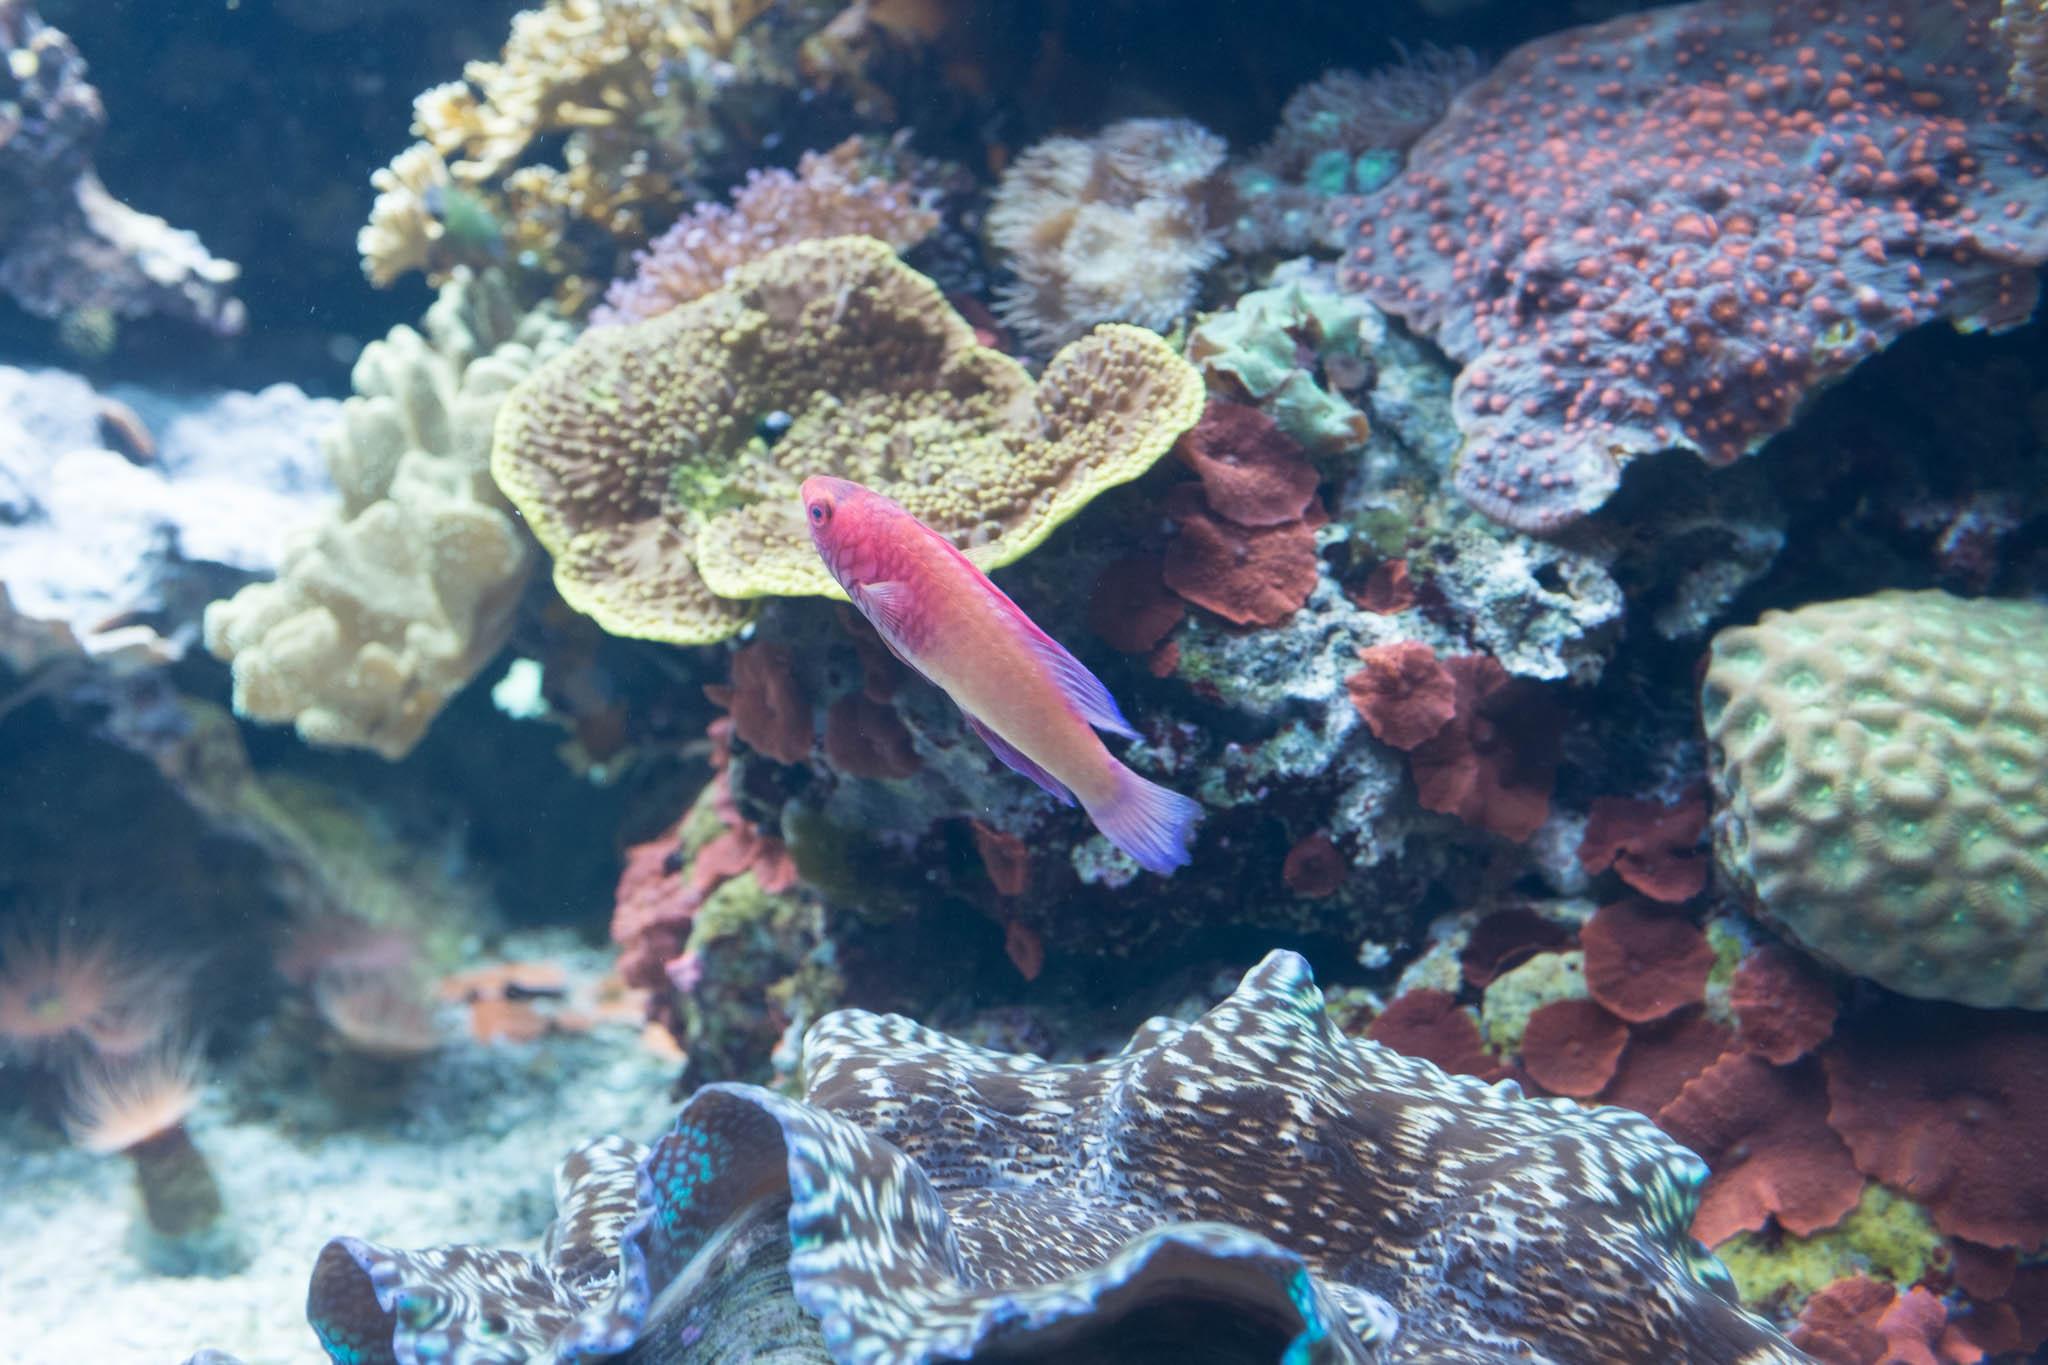 Aquarium of the Pacific-3-30-16-1425.jpg